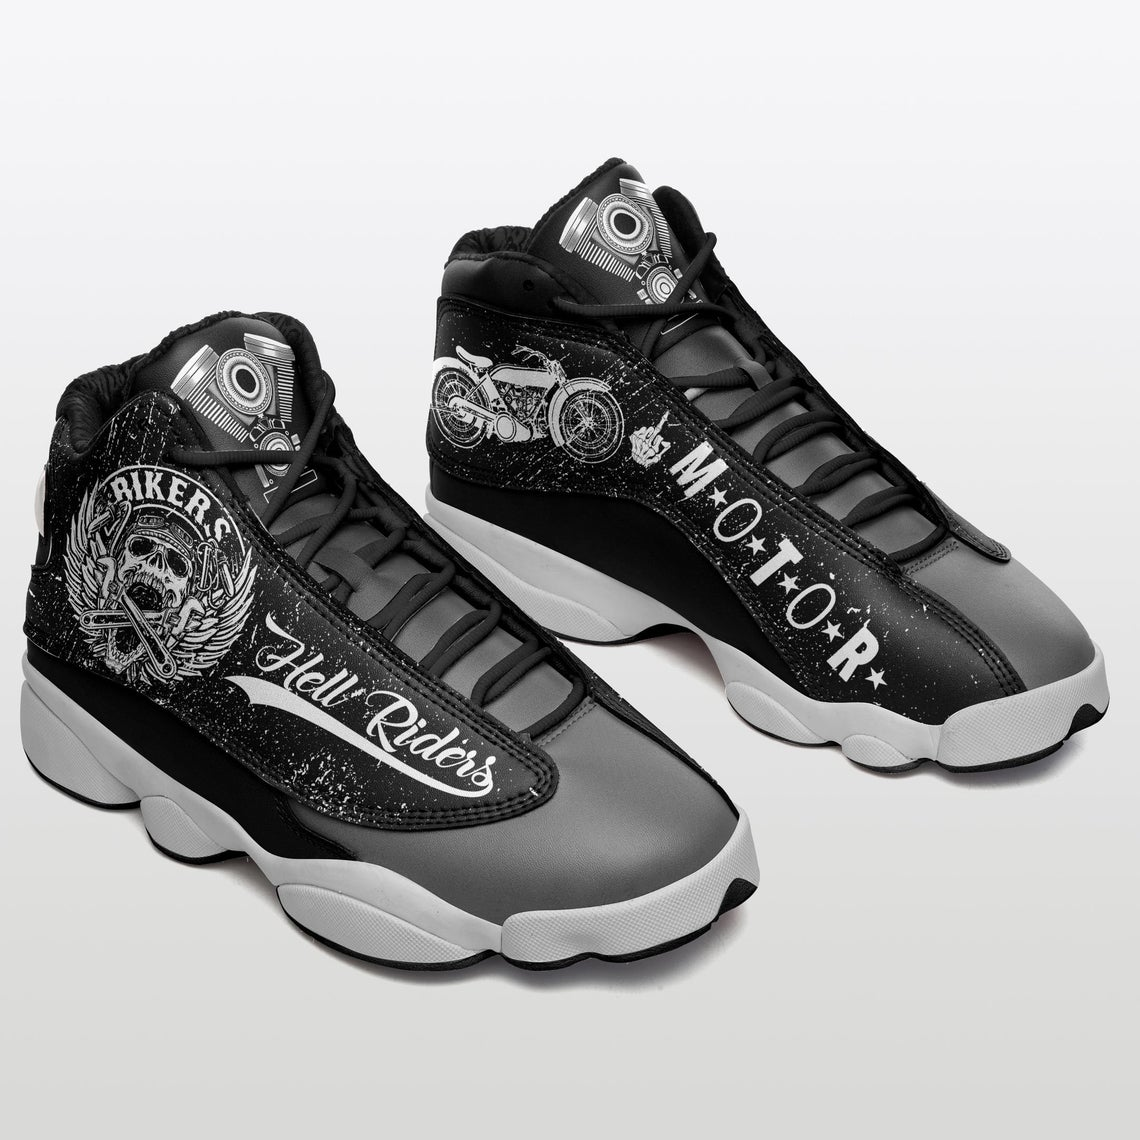 Skull Bikers Motorcycle Sku 31 Air Jordan Shoes